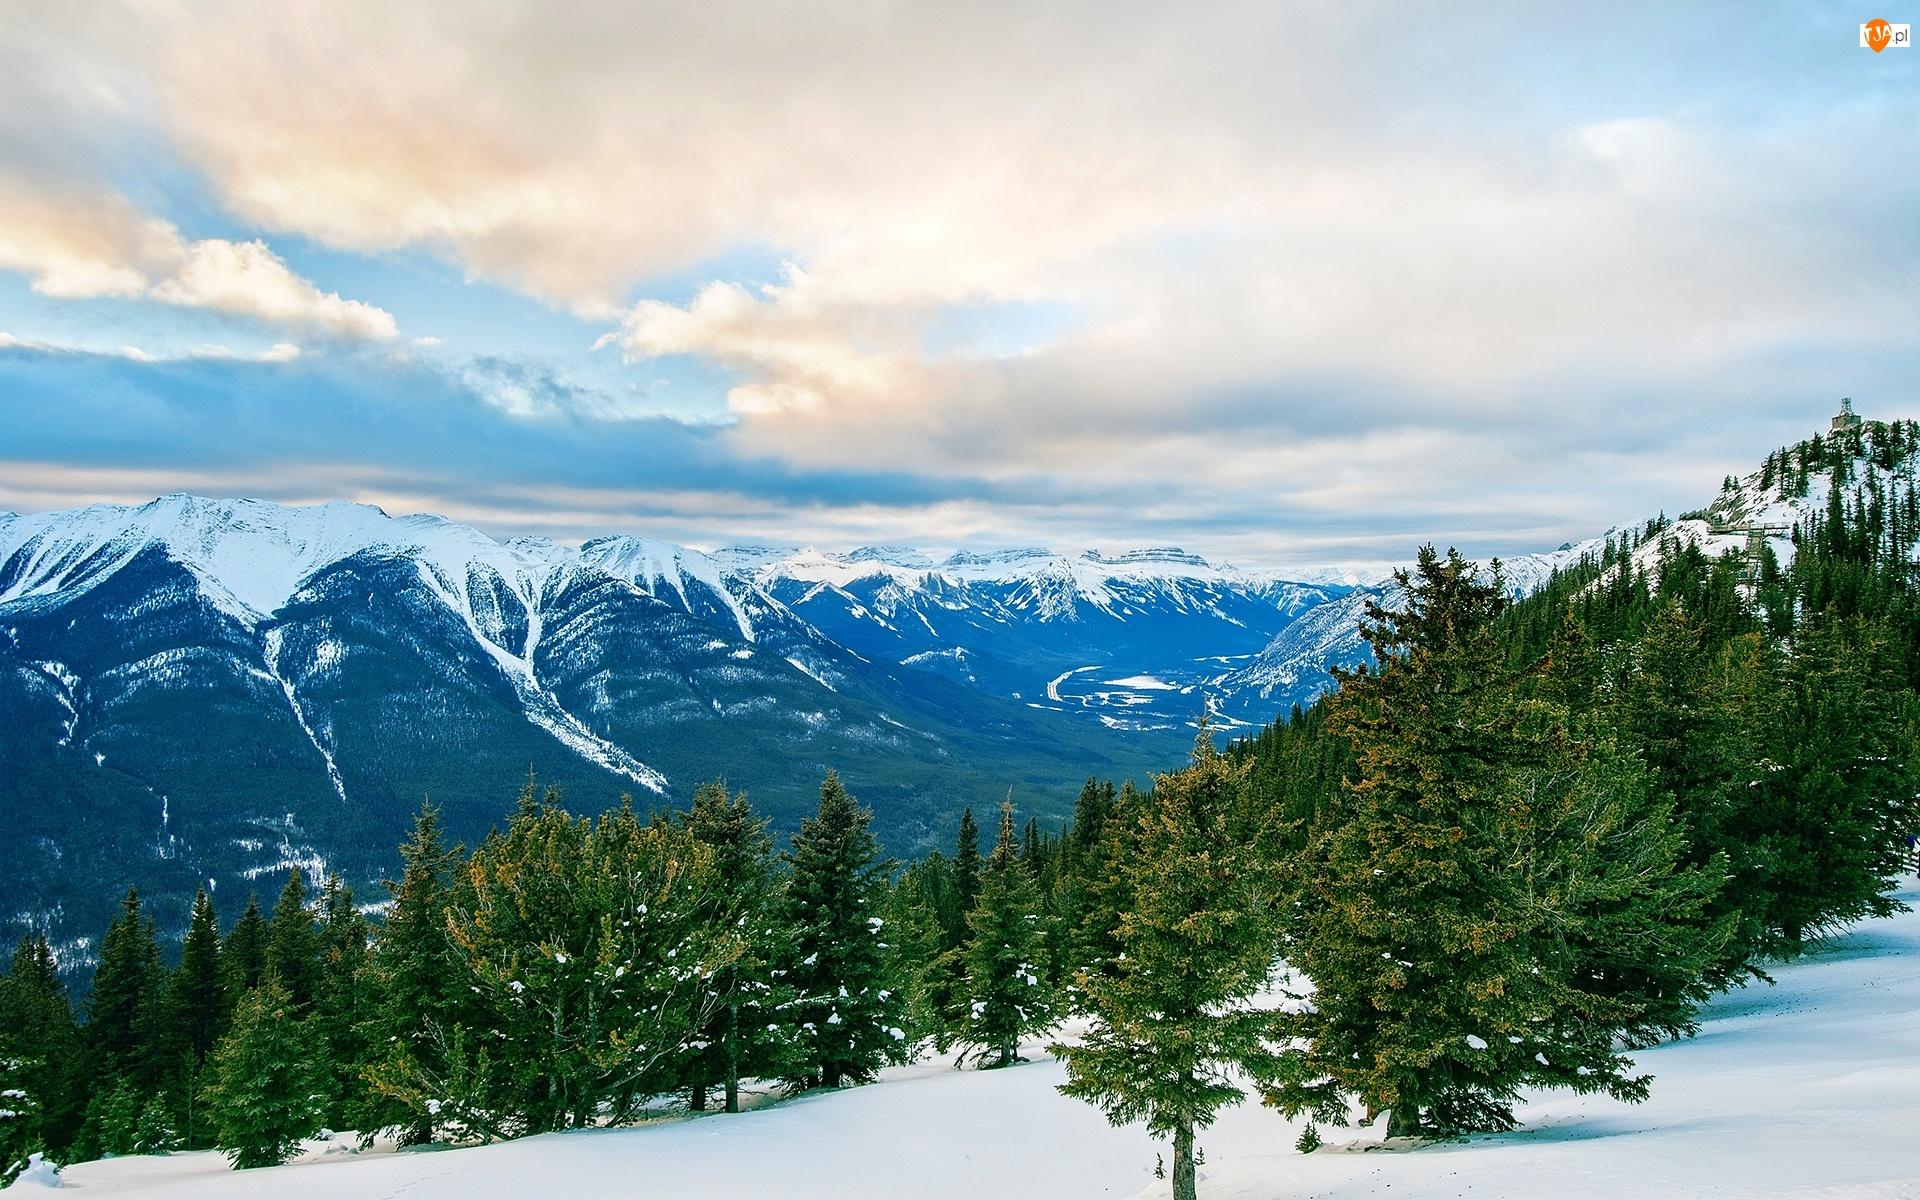 Świerki, Zima, Góry, Las, Drzewa